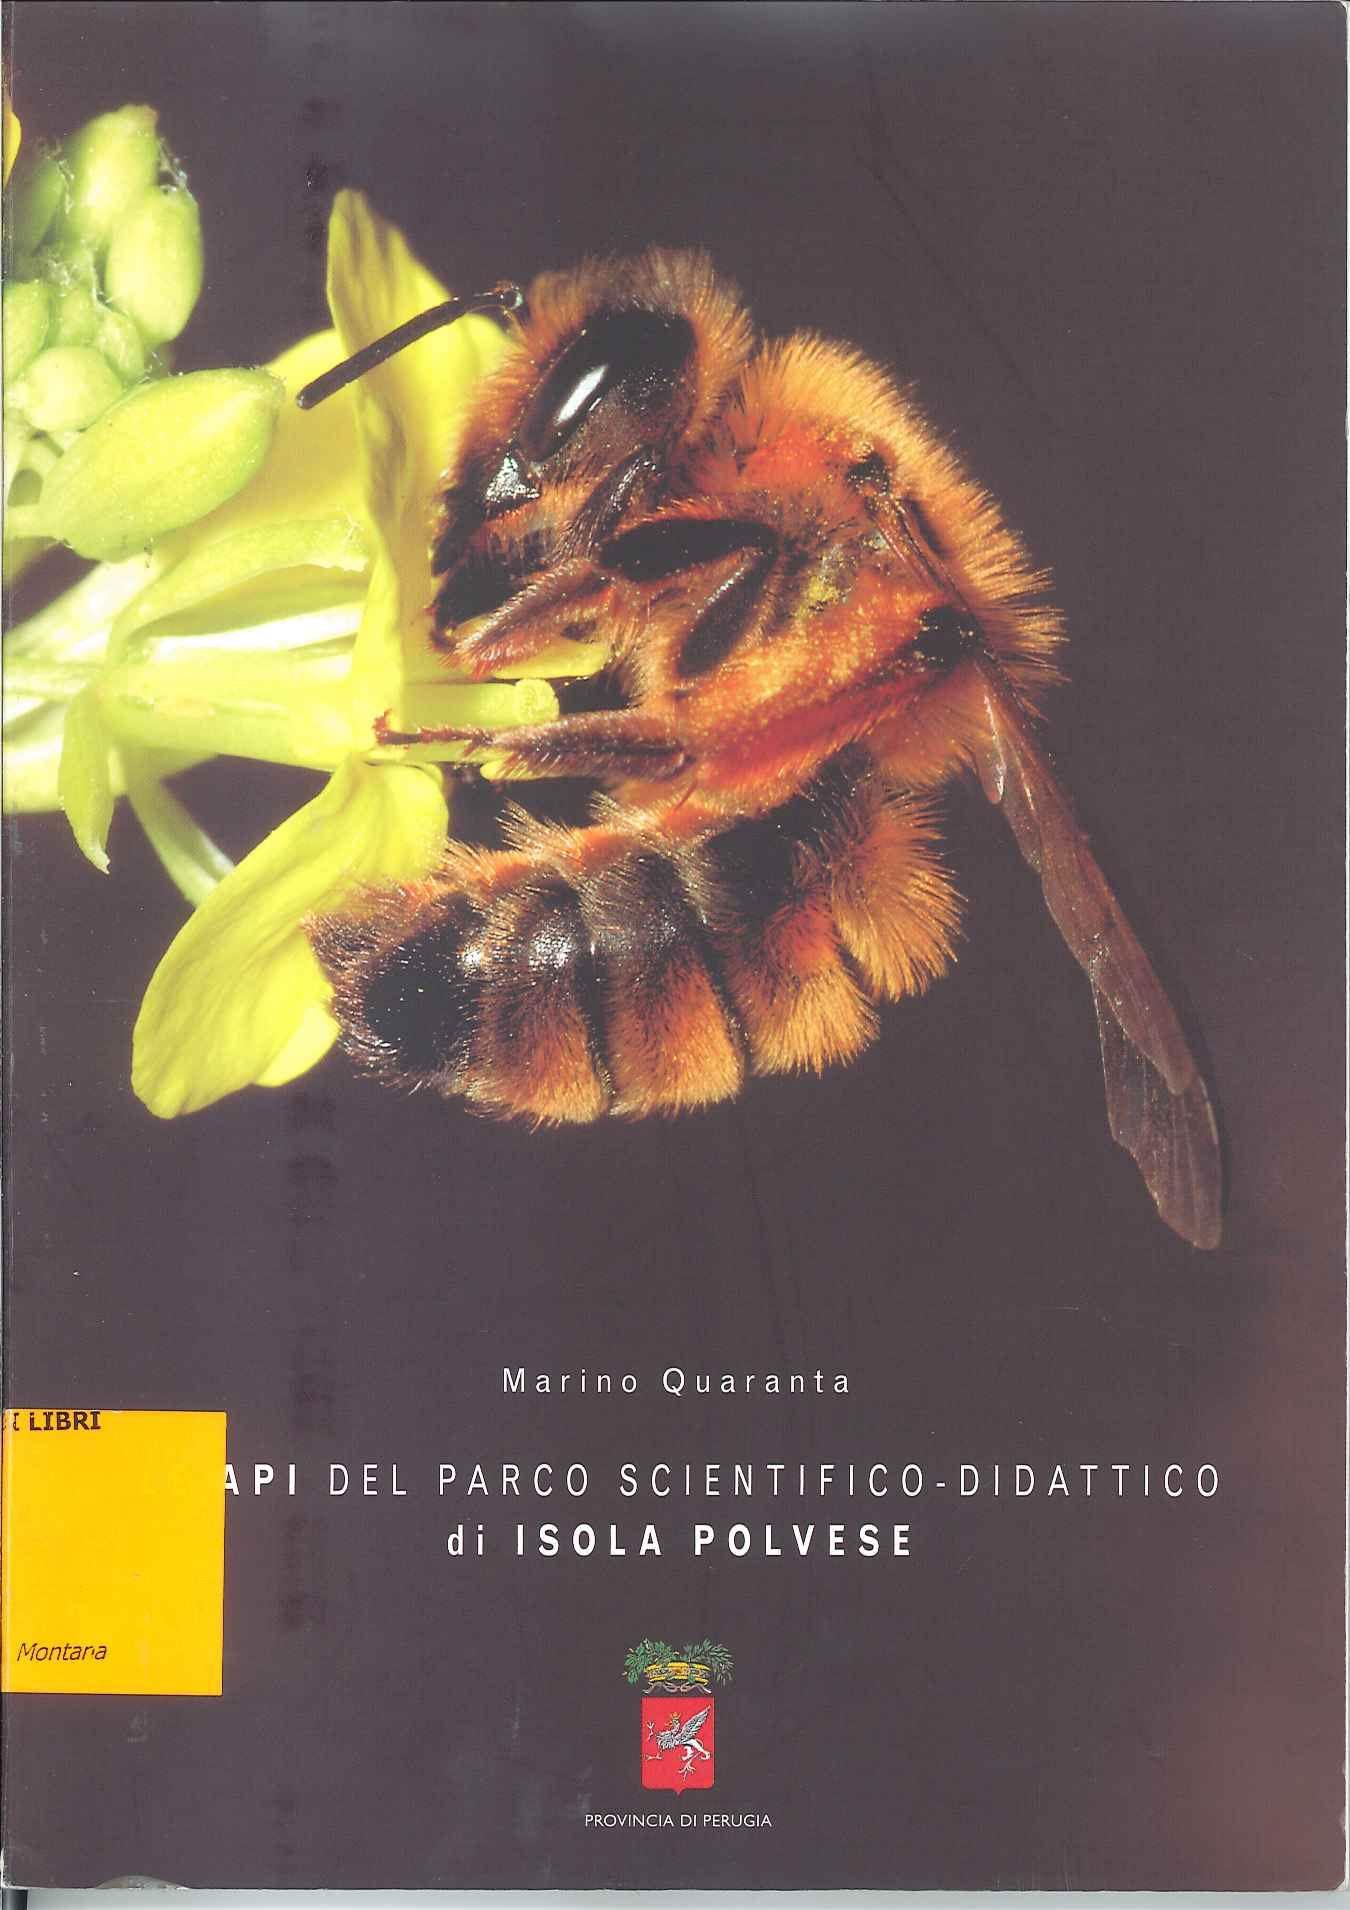 Le api del Parco scientifico-didattico di Isola Polvese